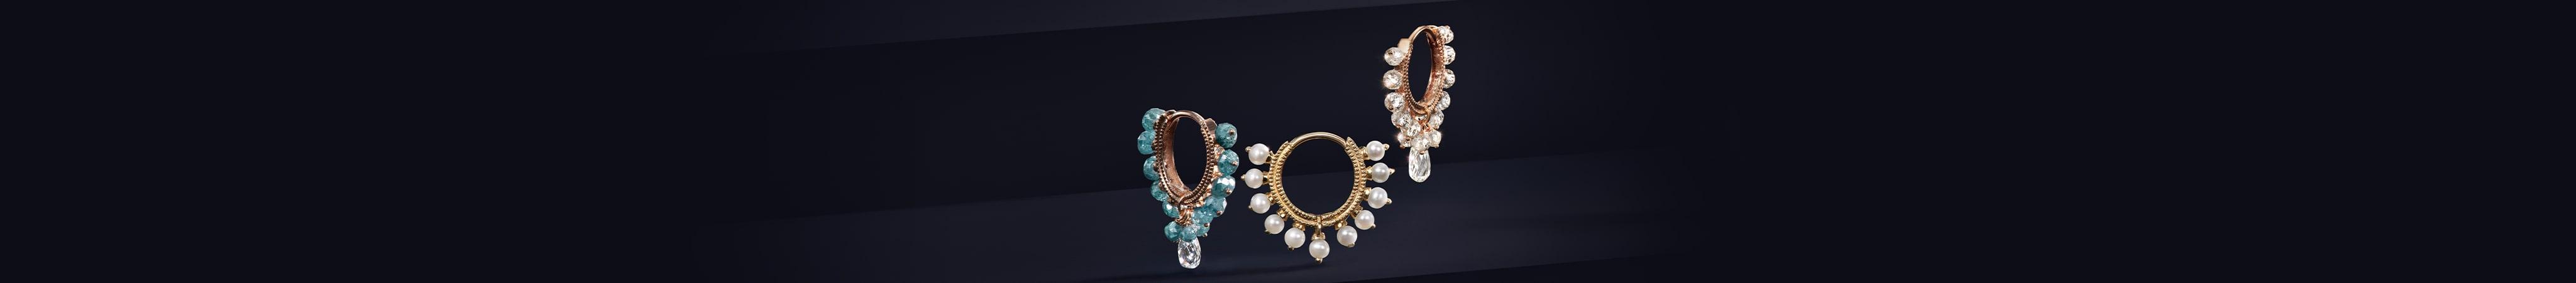 Coronet Jewelry